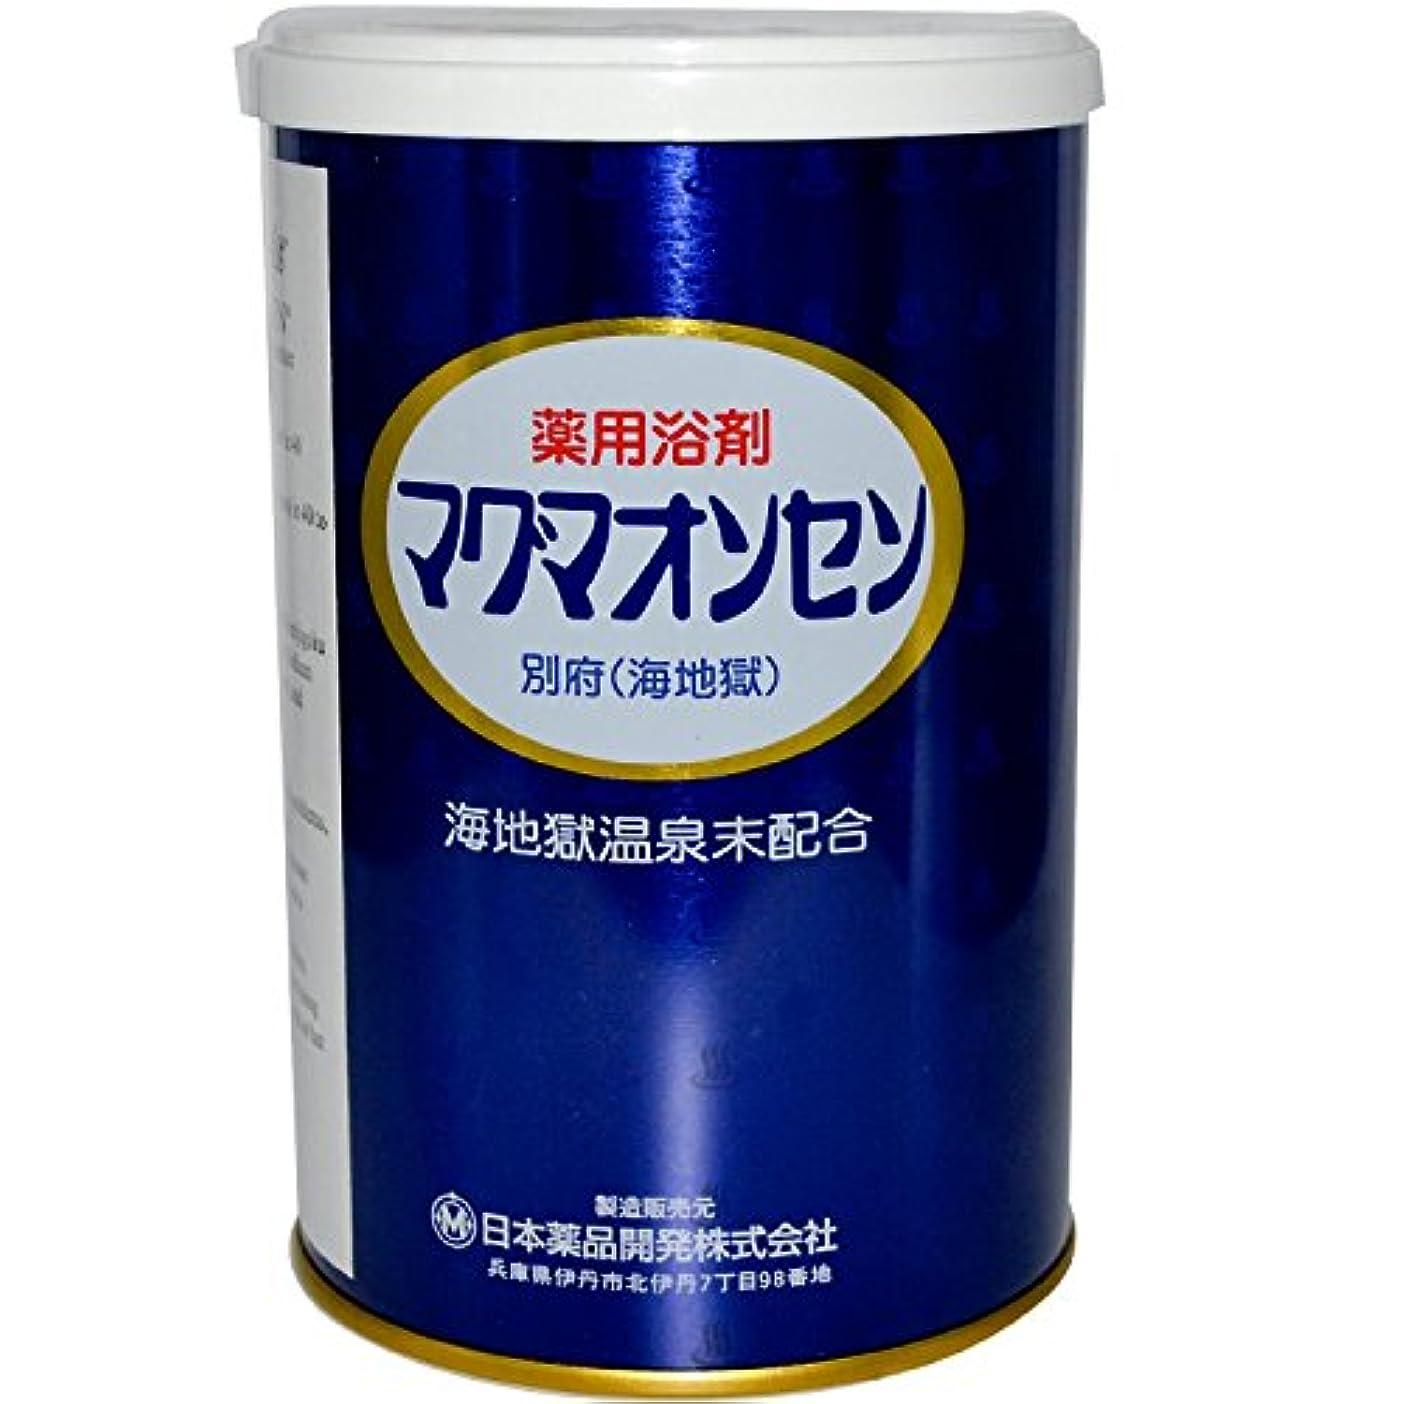 好意的汚れたブランデーマグマオンセン別府(海地獄) 500g三缶